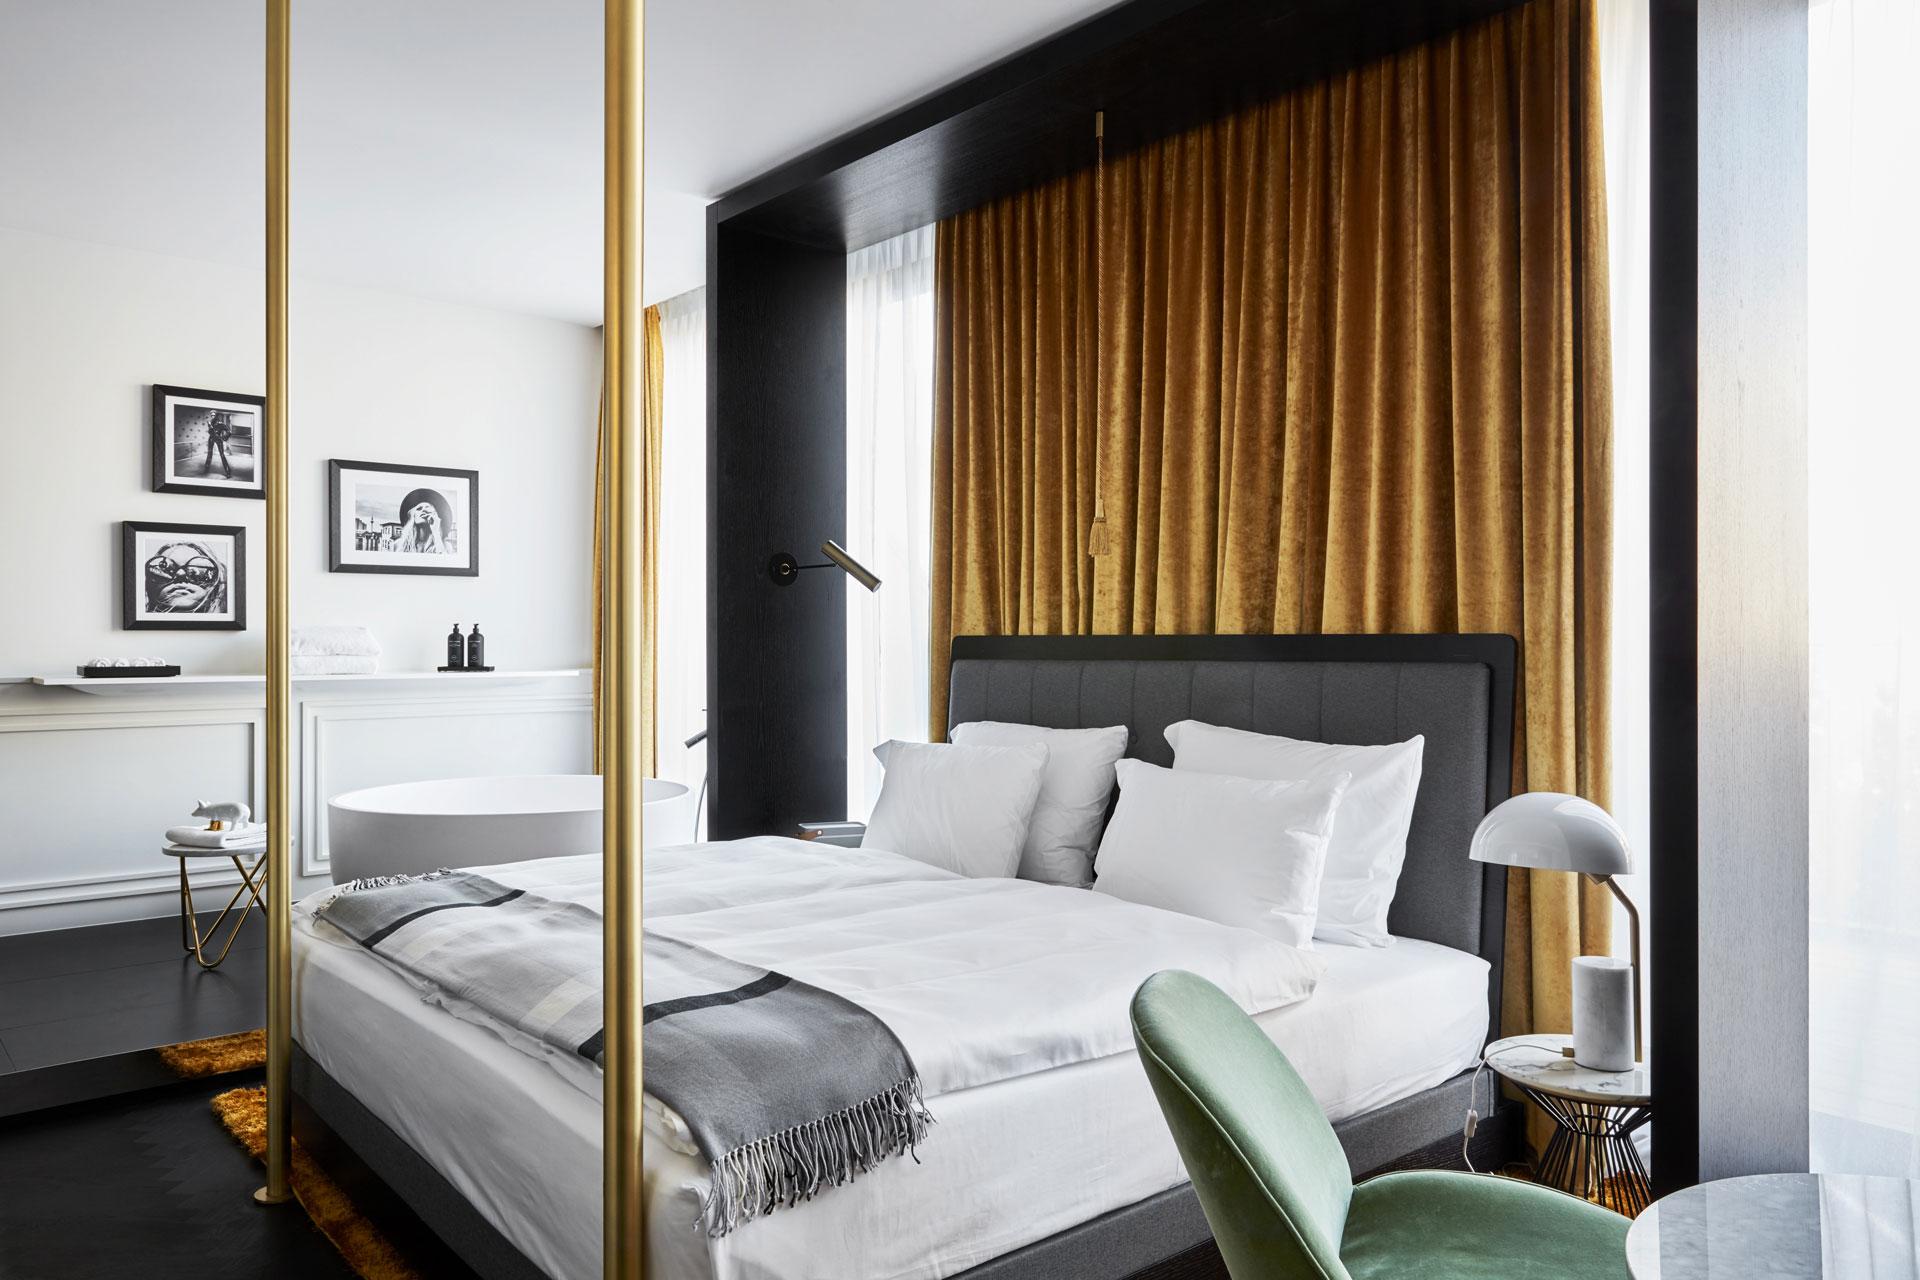 Bett und Badewanne, Roomers Hotel München